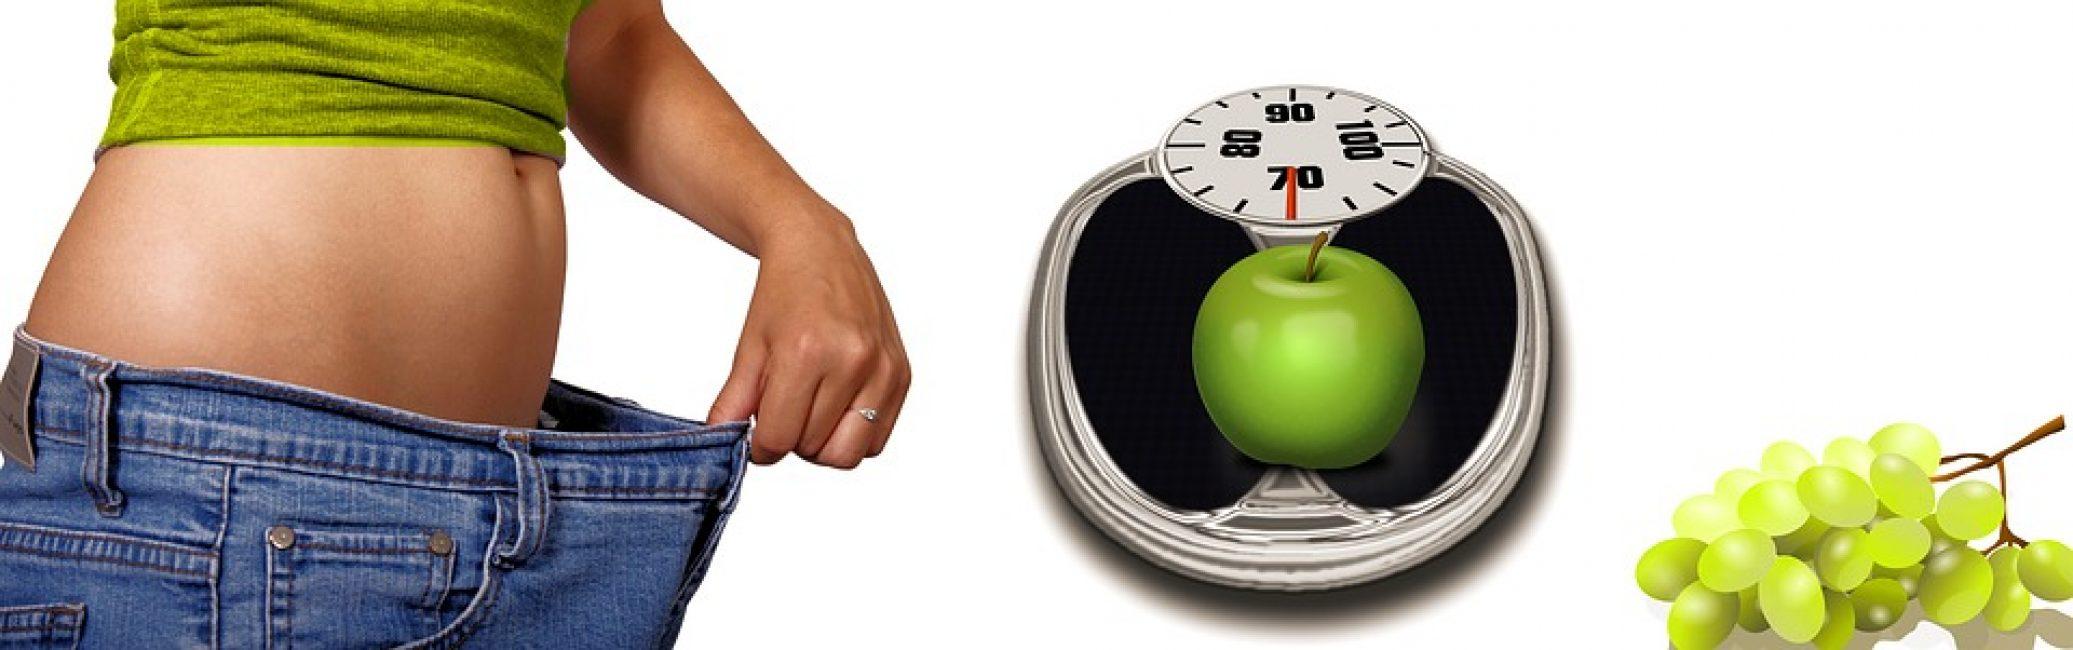 В зависимости от рациона человек может сжигать жир, набирать мышечную массу, оставаться в желаемой форме. И это все лишь благодаря еде